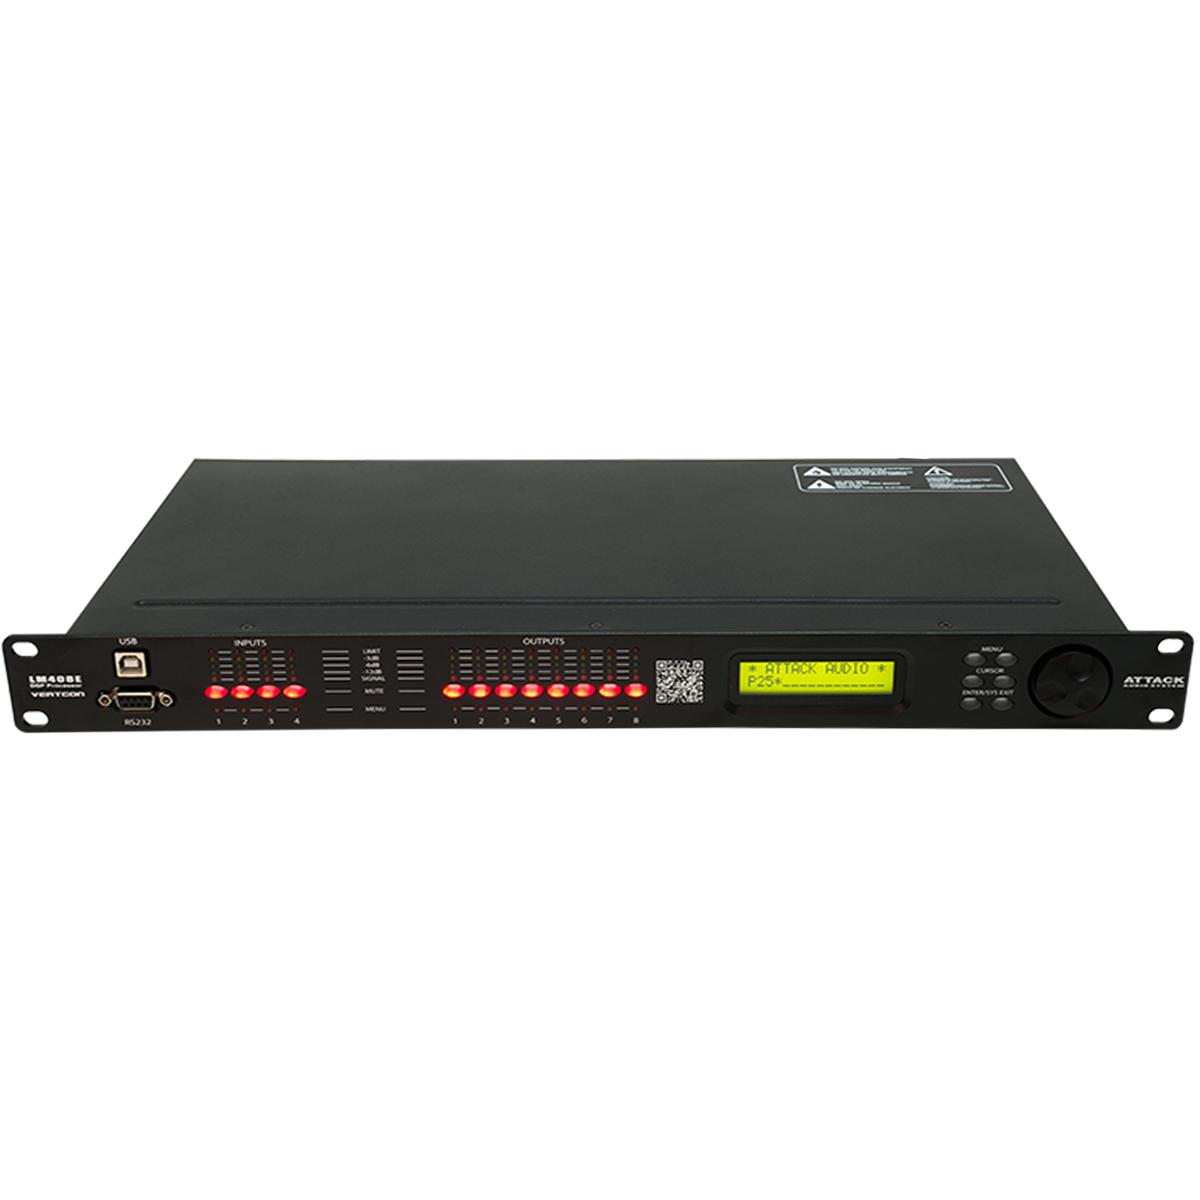 LM408E - Processador de Áudio Vertcon LM 408 E - Attack